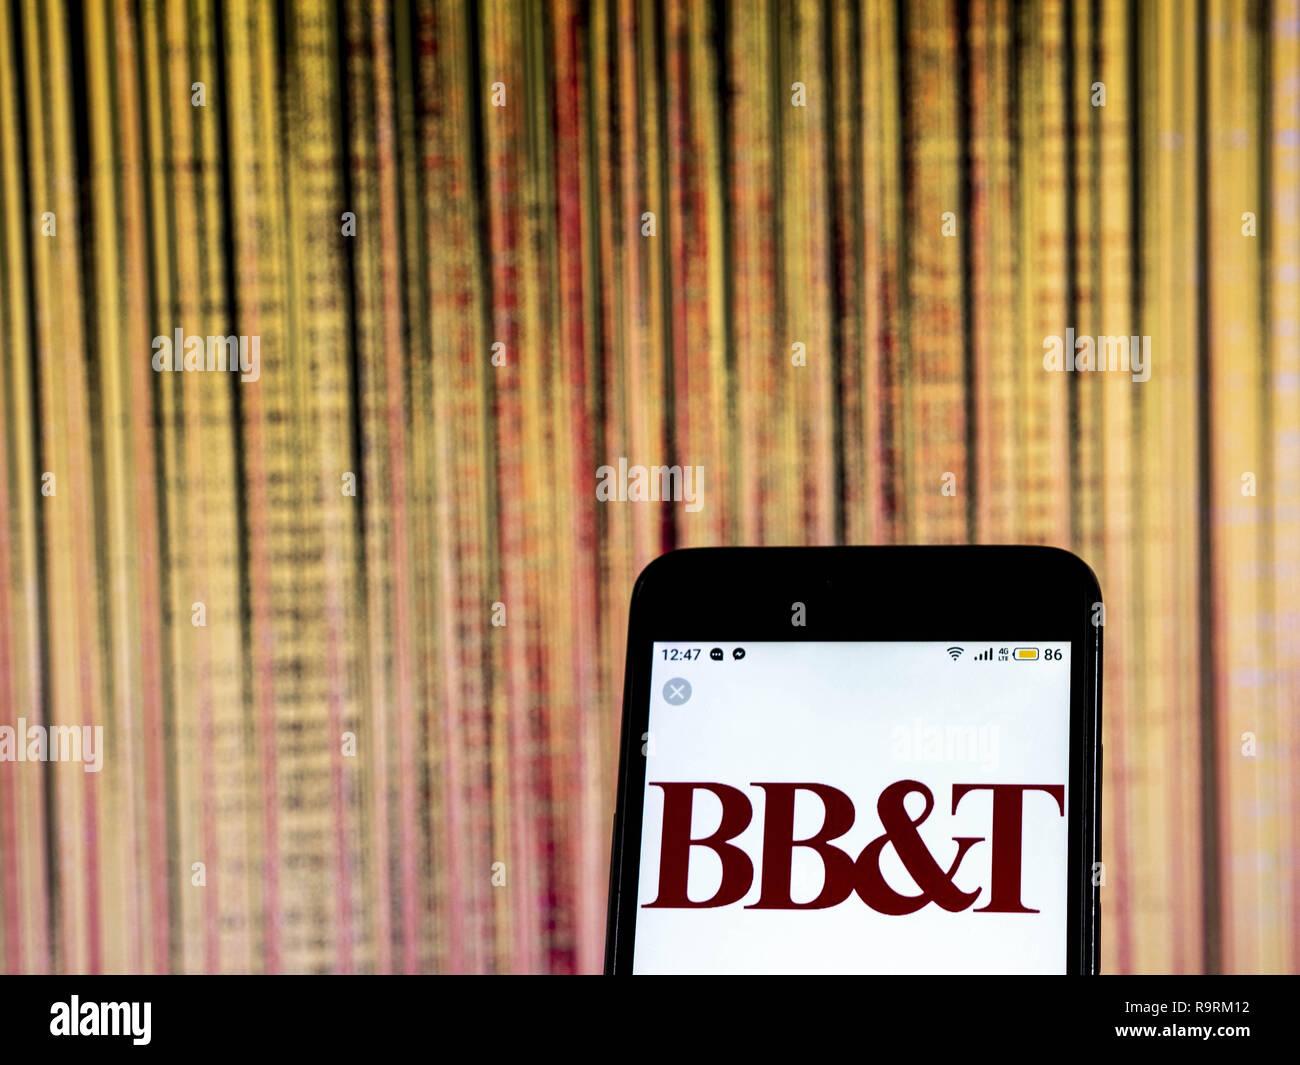 Kiew, Ukraine. 20 Dez, 2018. BB&T Bank Holding Company Logo gesehen auf einem Smartphone angezeigt. Quelle: Igor Golovniov/SOPA Images/ZUMA Draht/Alamy leben Nachrichten Stockbild